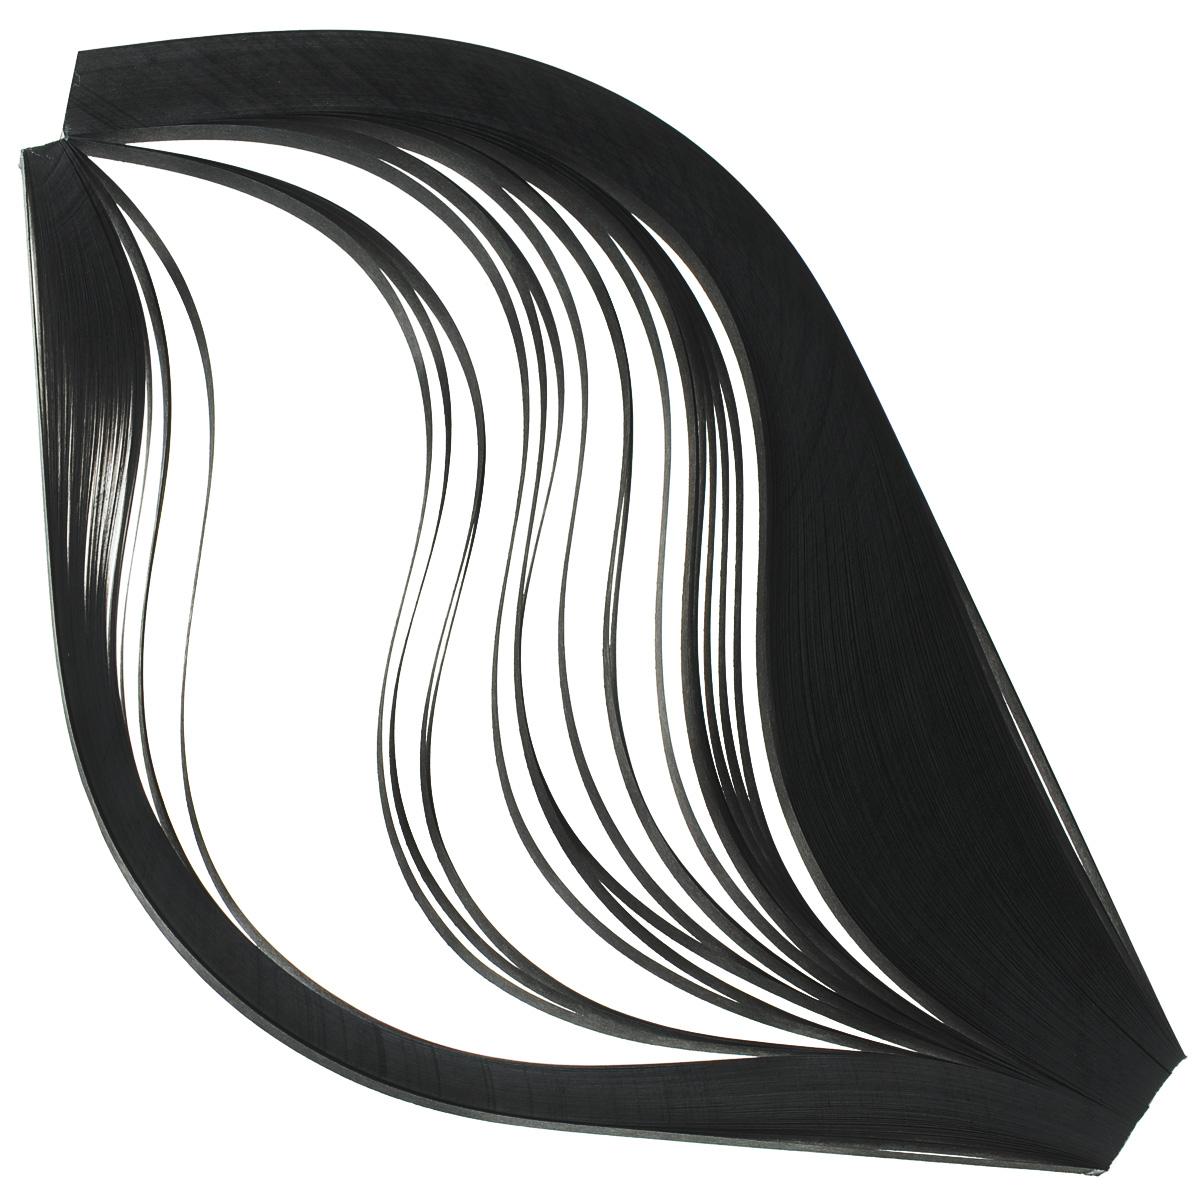 Бумага для квиллинга АртНева, цвет: черный, ширина 5 мм, 250 листов531-105Бумага для квиллинга АртНева - это порезанные специальным образом полоски бумаги определенной плотности. Такая бумага пластична, не расслаивается, легко и равномерно закручивается в спираль, благодаря чему готовым спиралям легче придать форму. Квиллинг (бумагокручение) - техника изготовления плоских или объемных композиций из скрученных в спиральки длинных и узких полосок бумаги. Из бумажных спиралей создаются необычные цветы и красивые витиеватые узоры, которые в дальнейшем можно использовать для украшения открыток, альбомов, подарочных упаковок, рамок для фотографий и даже для создания оригинальных бижутерий. Это простой и очень красивый вид рукоделия, не требующий больших затрат. Ширина полоски бумаги: 5 мм.Длина полоски бумаги: 29,7 см.Плотность бумаги: 80 г/м2.